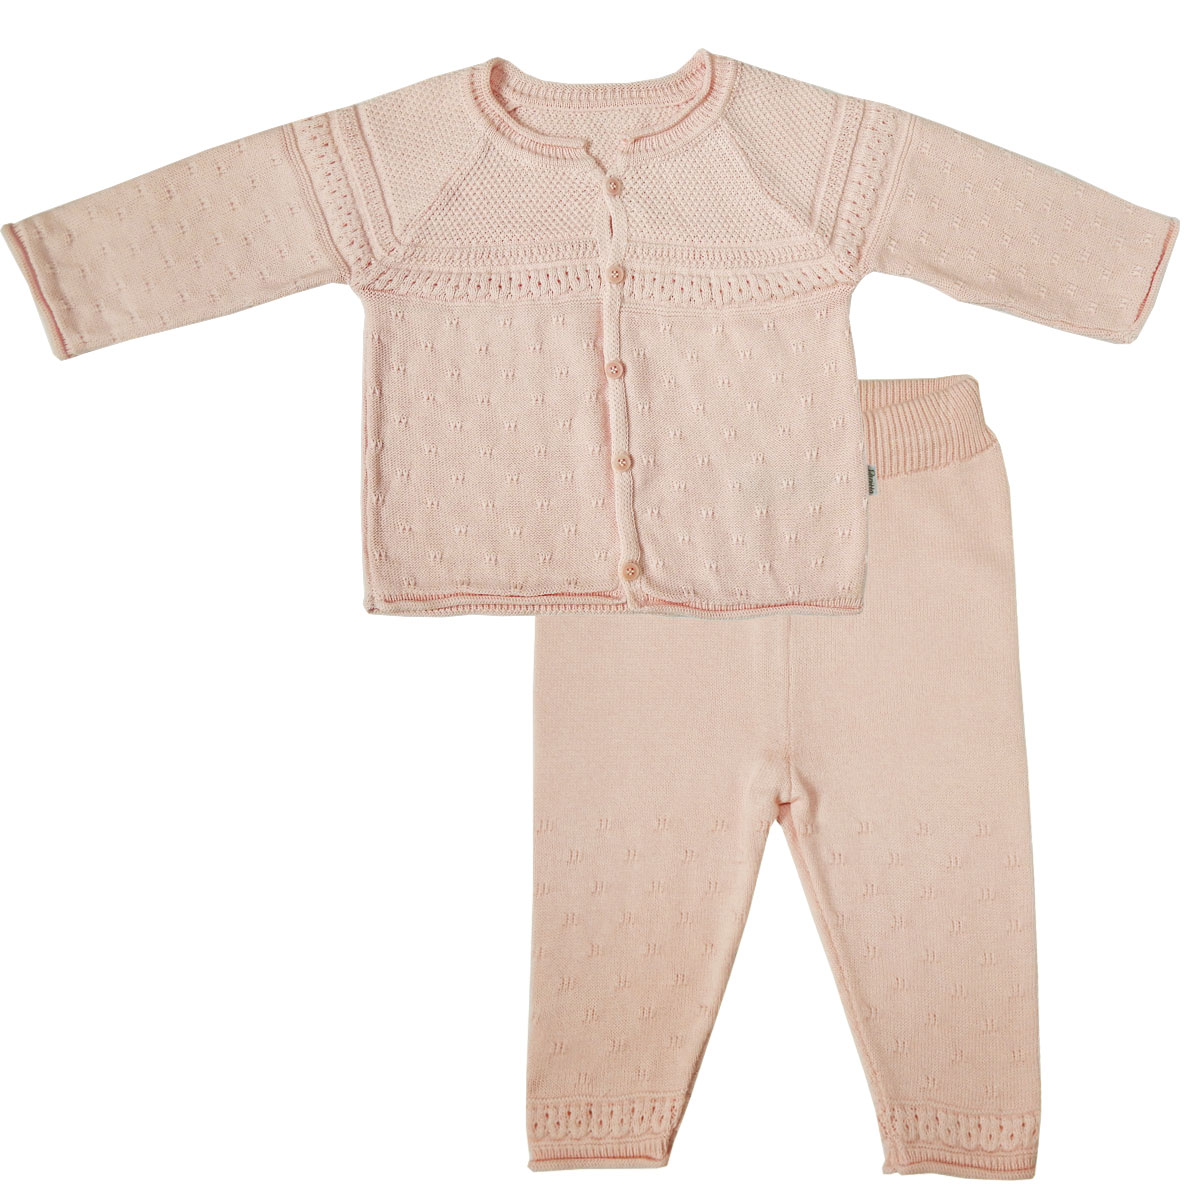 Купить Комплект Папитто вязаный: кофточка и штанишки Испанка Розовый 73-7001 р.22-74, Комплекты для новорожденных